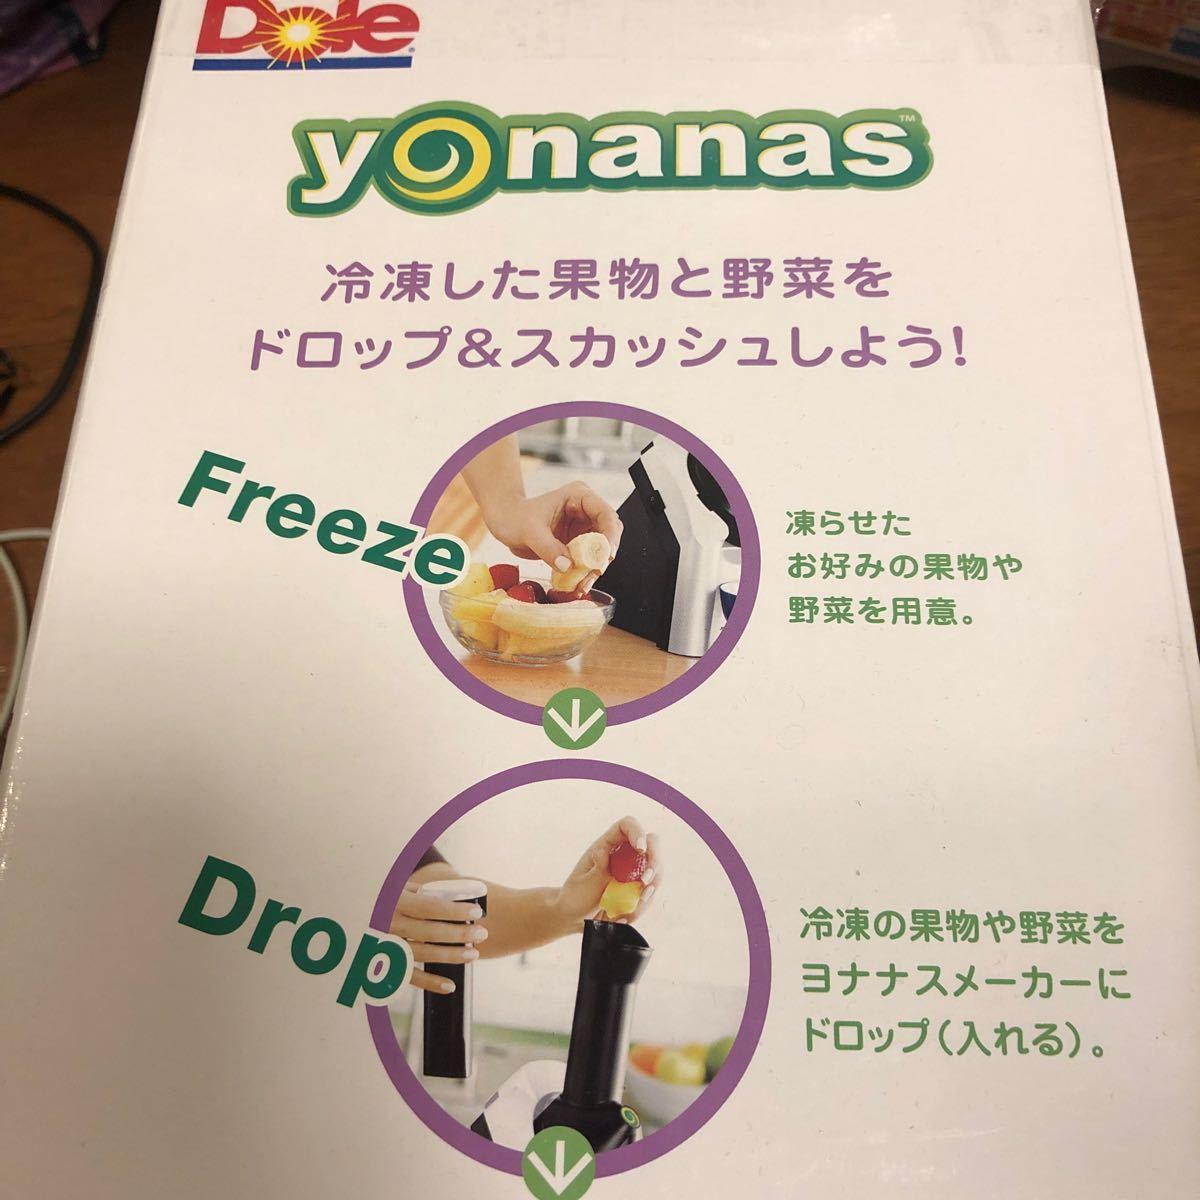 新品 Dole ヨナナスメーカー yonanas